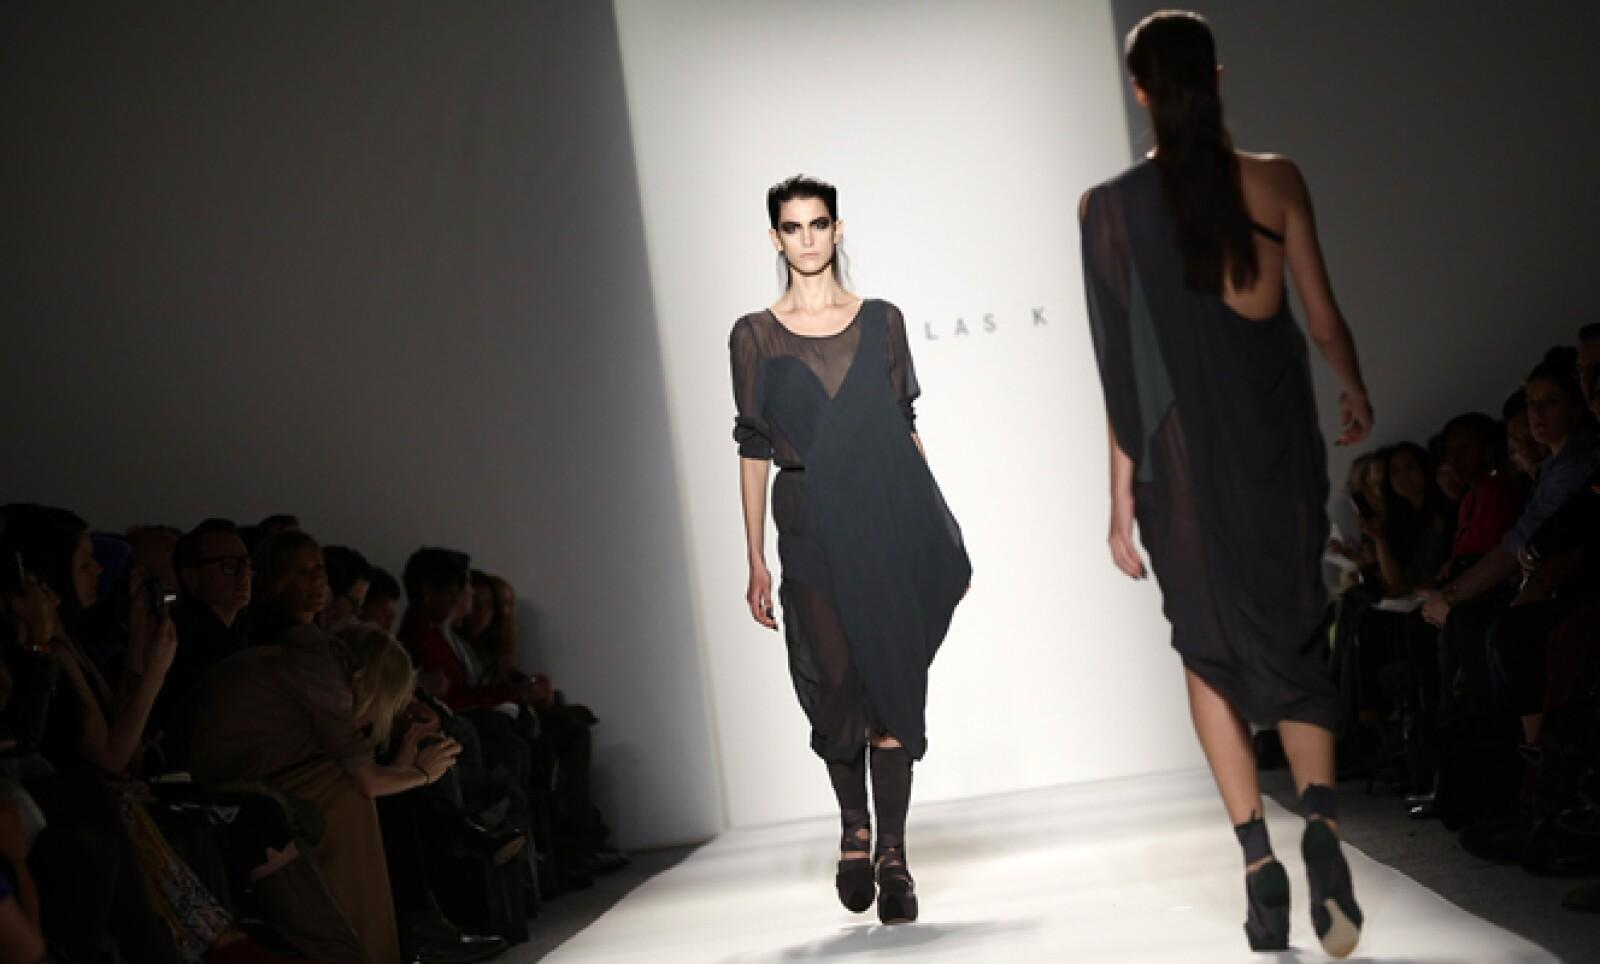 Fotógrafos y editores de las principales revistas de moda también se dan cita en el Lincoln Center.